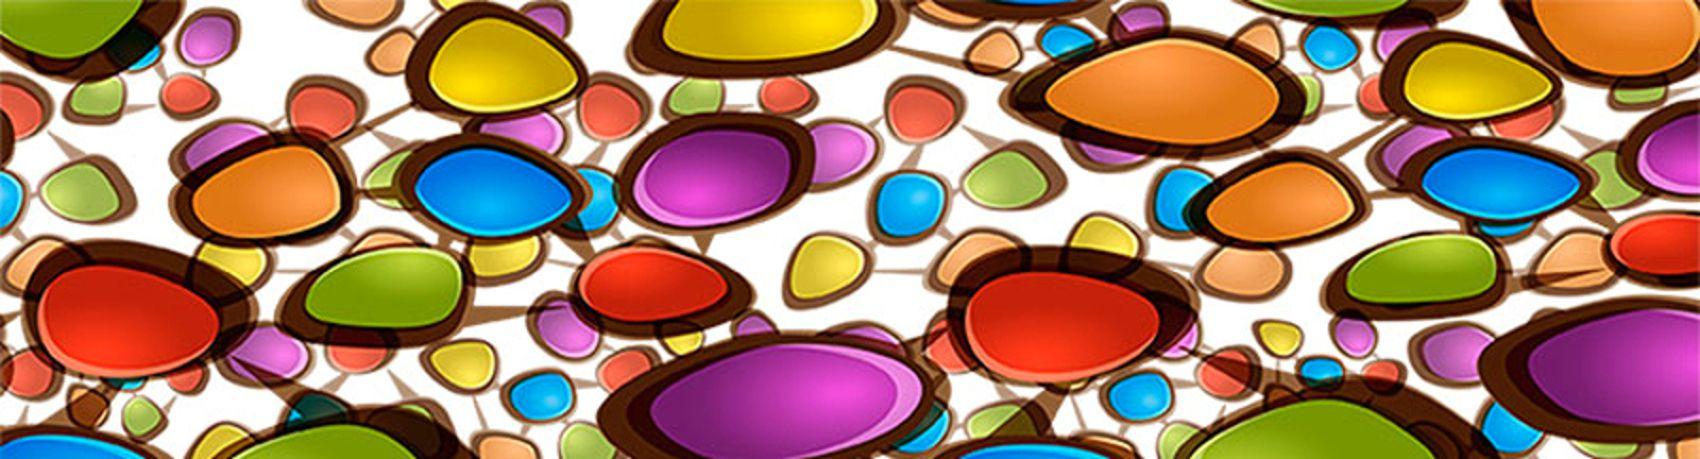 разноцветные камушки